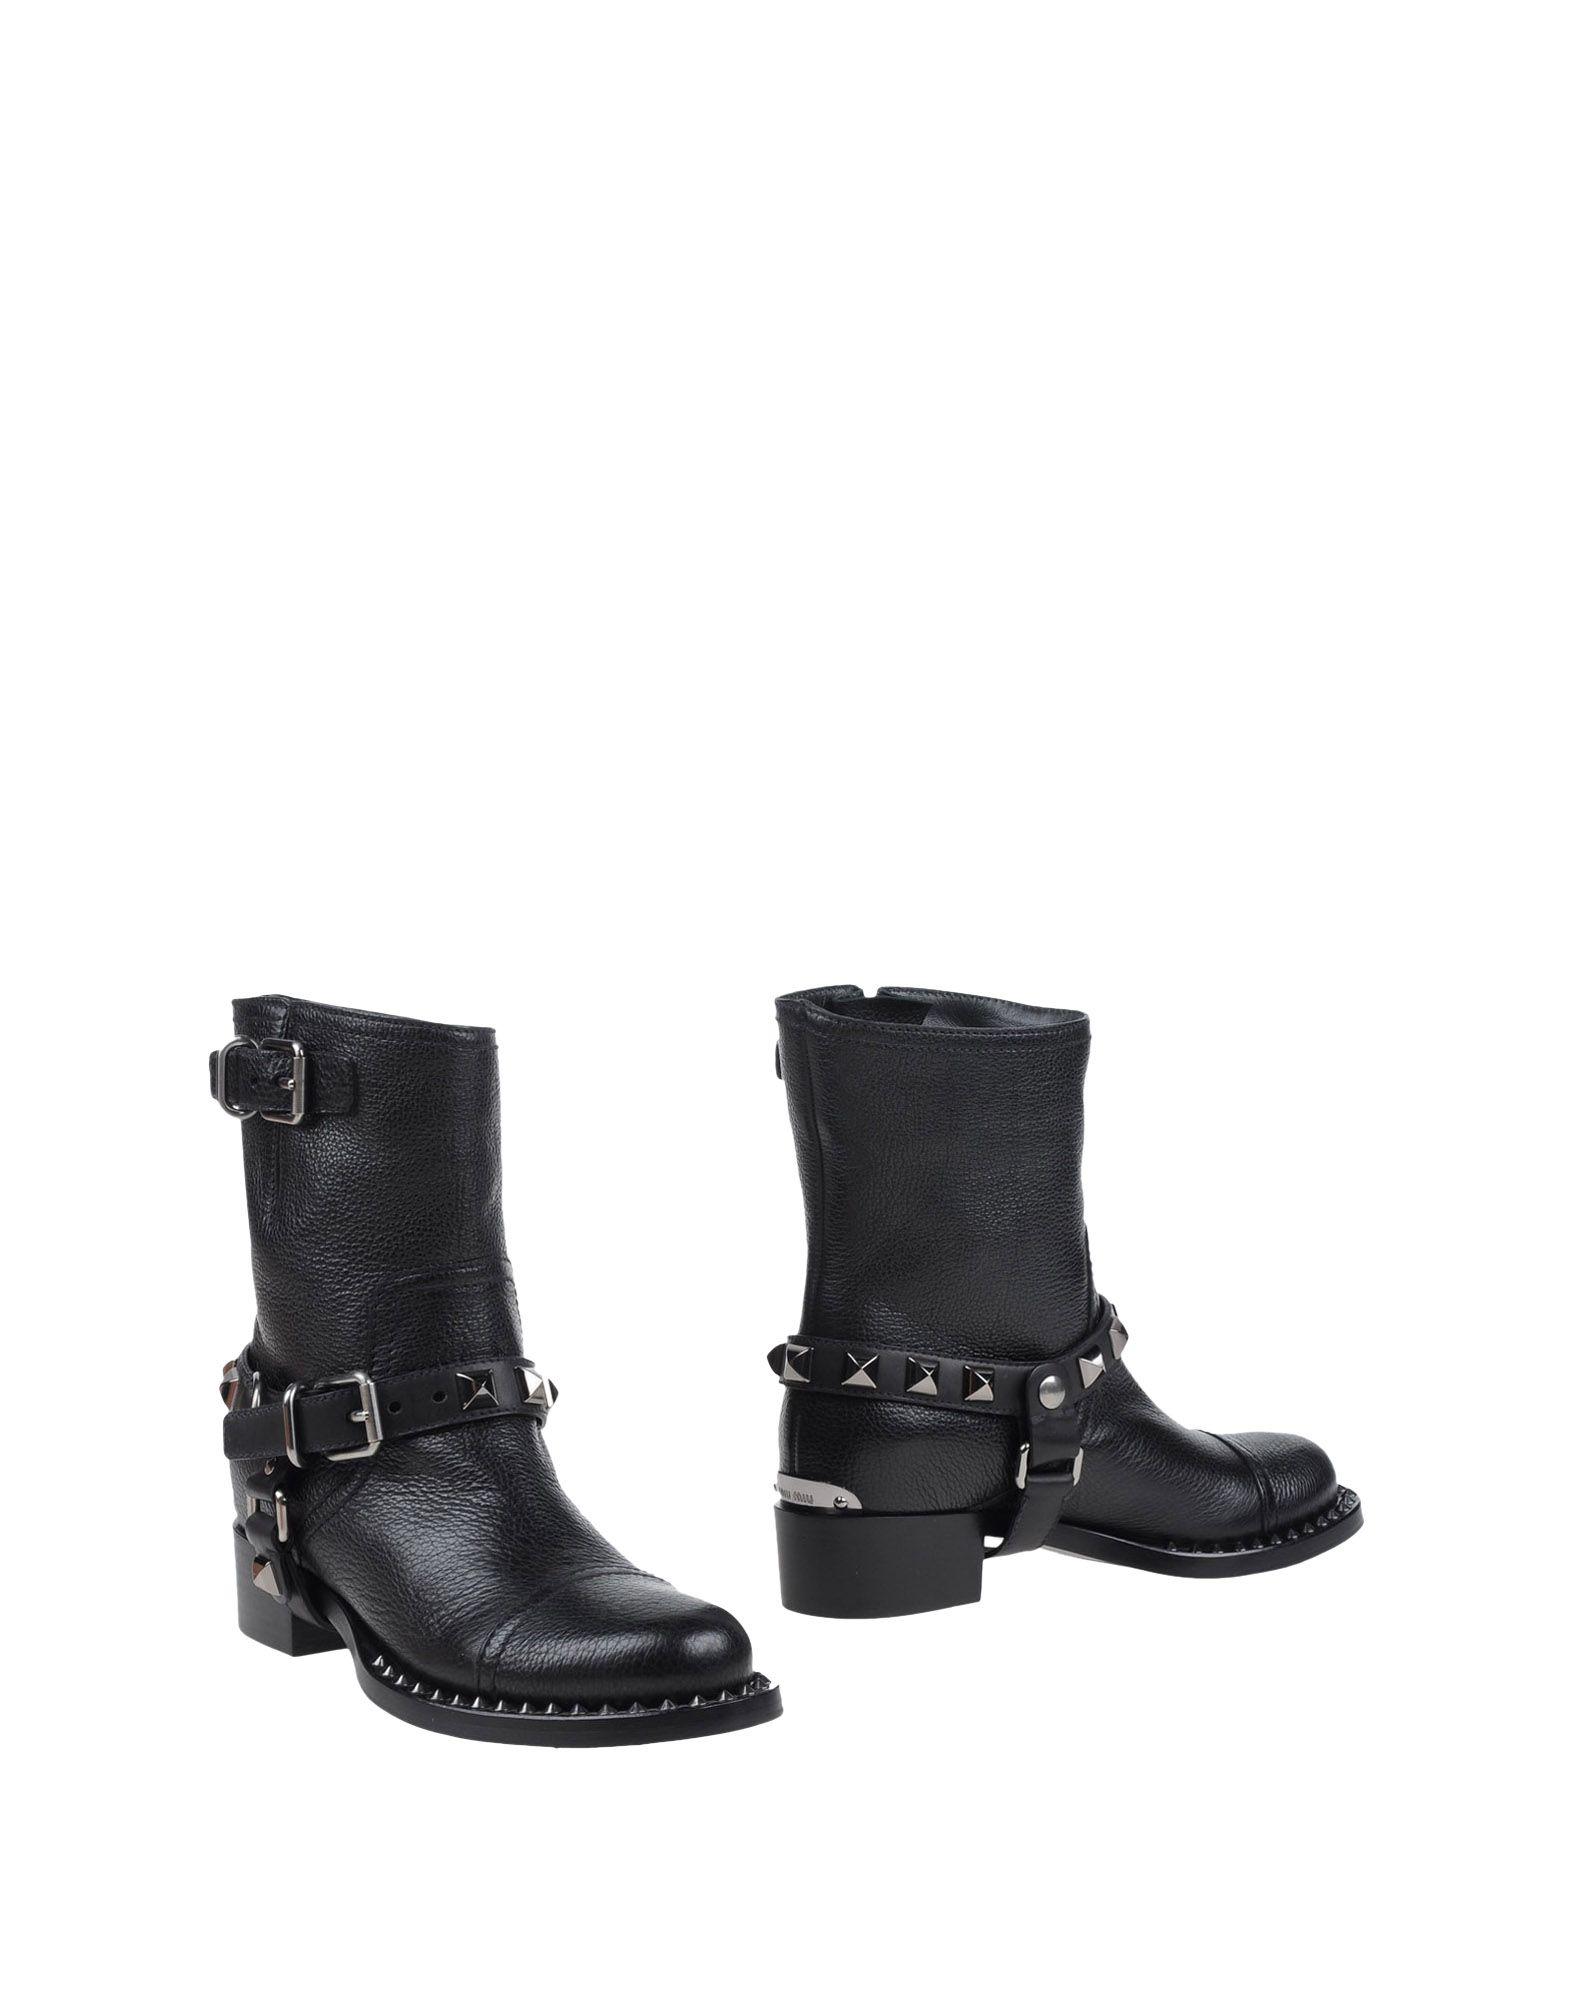 Miu Miu Ankle Boot - Women Miu Miu  Ankle Boots online on  Miu United Kingdom - 44984987SF 7adb8d